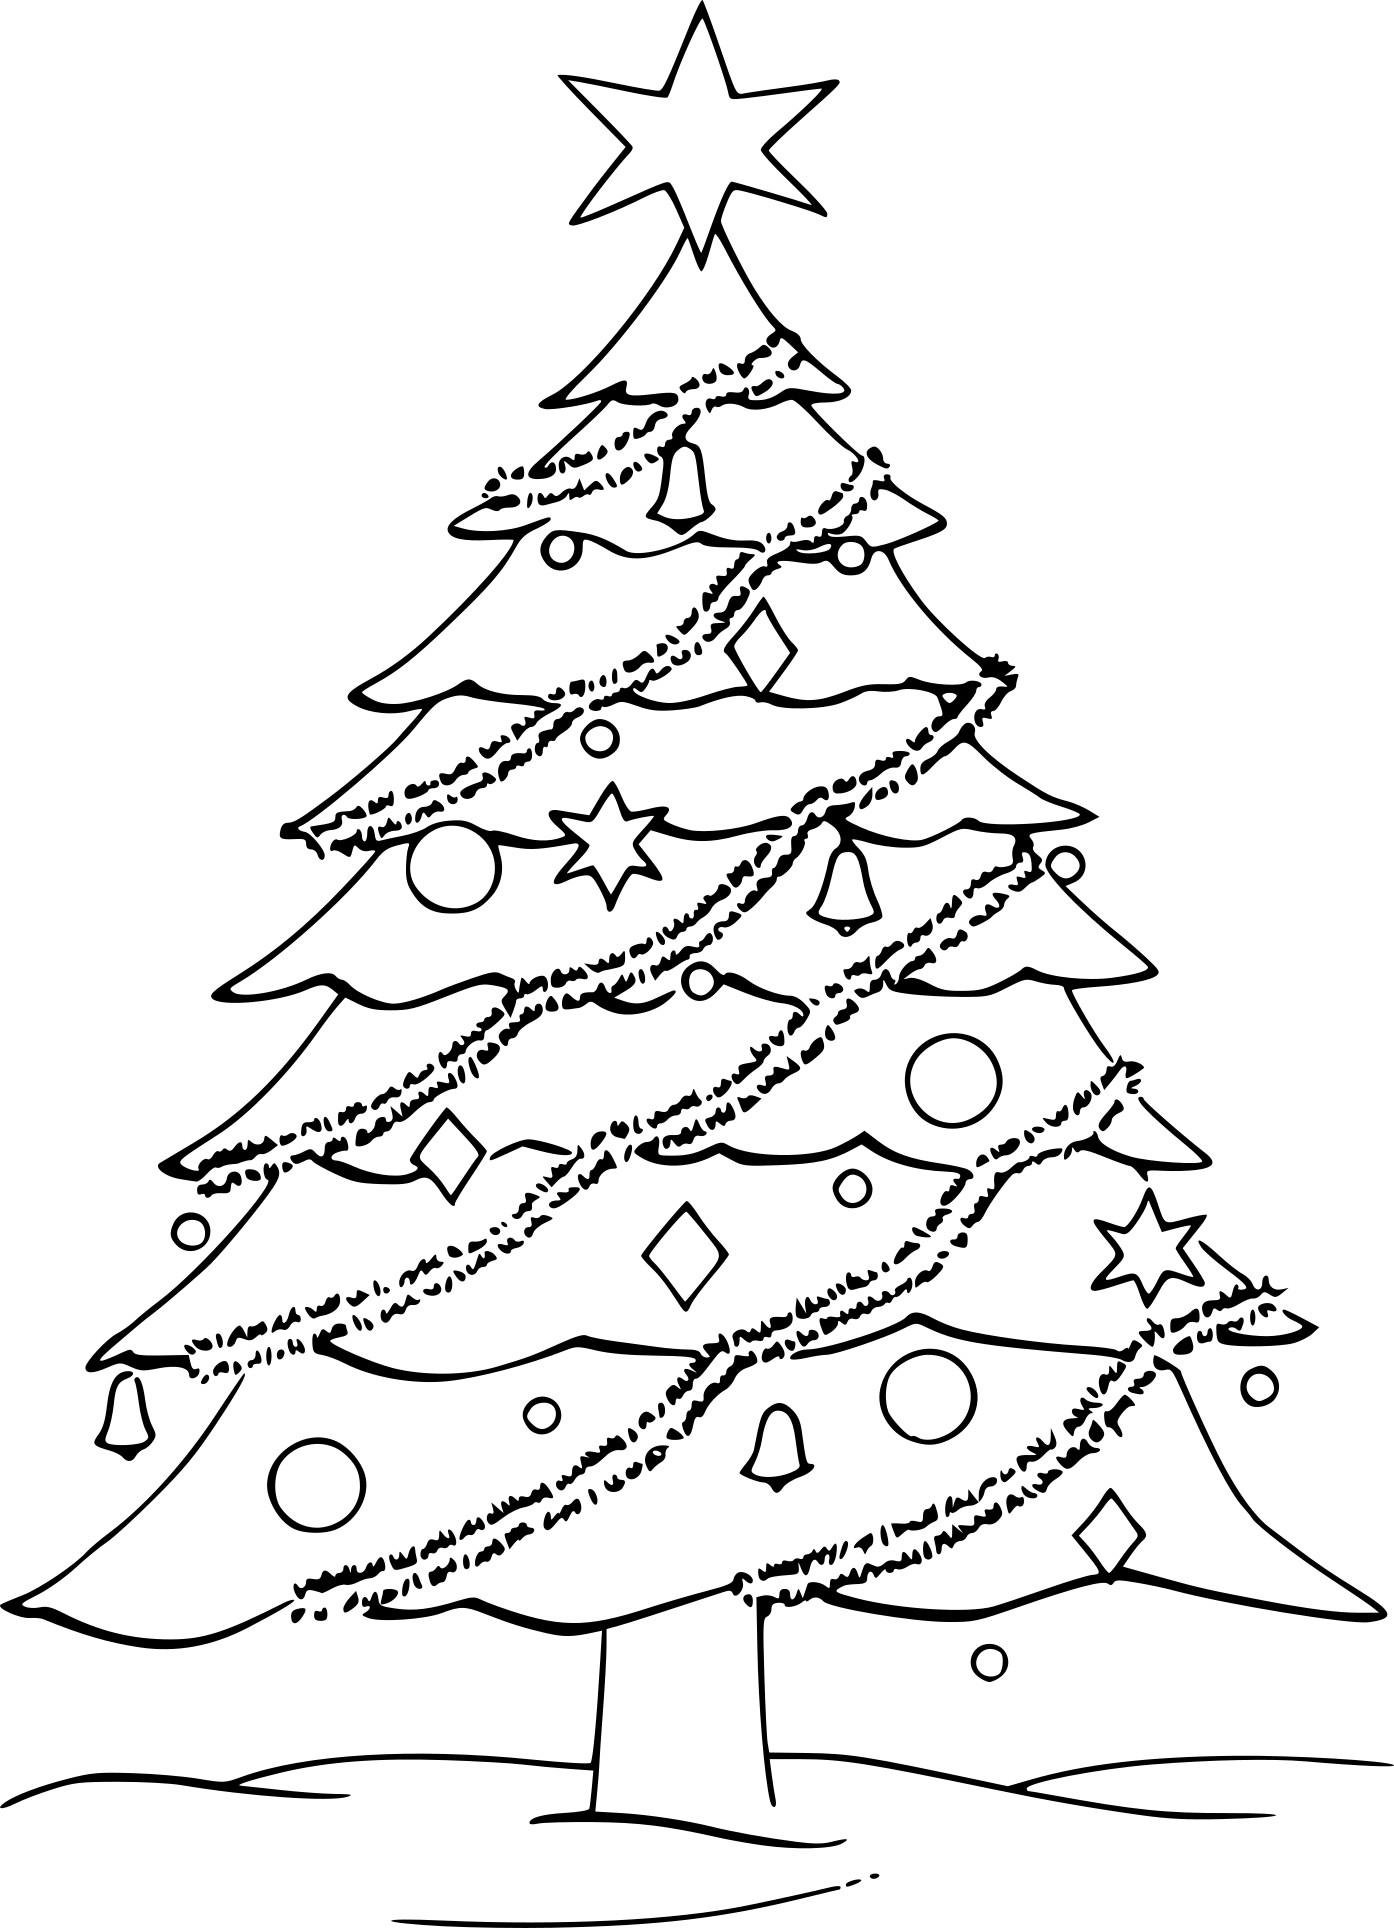 Coloriage Sapin De Noël Avec Des Guirlandes à Imprimer Gratuit